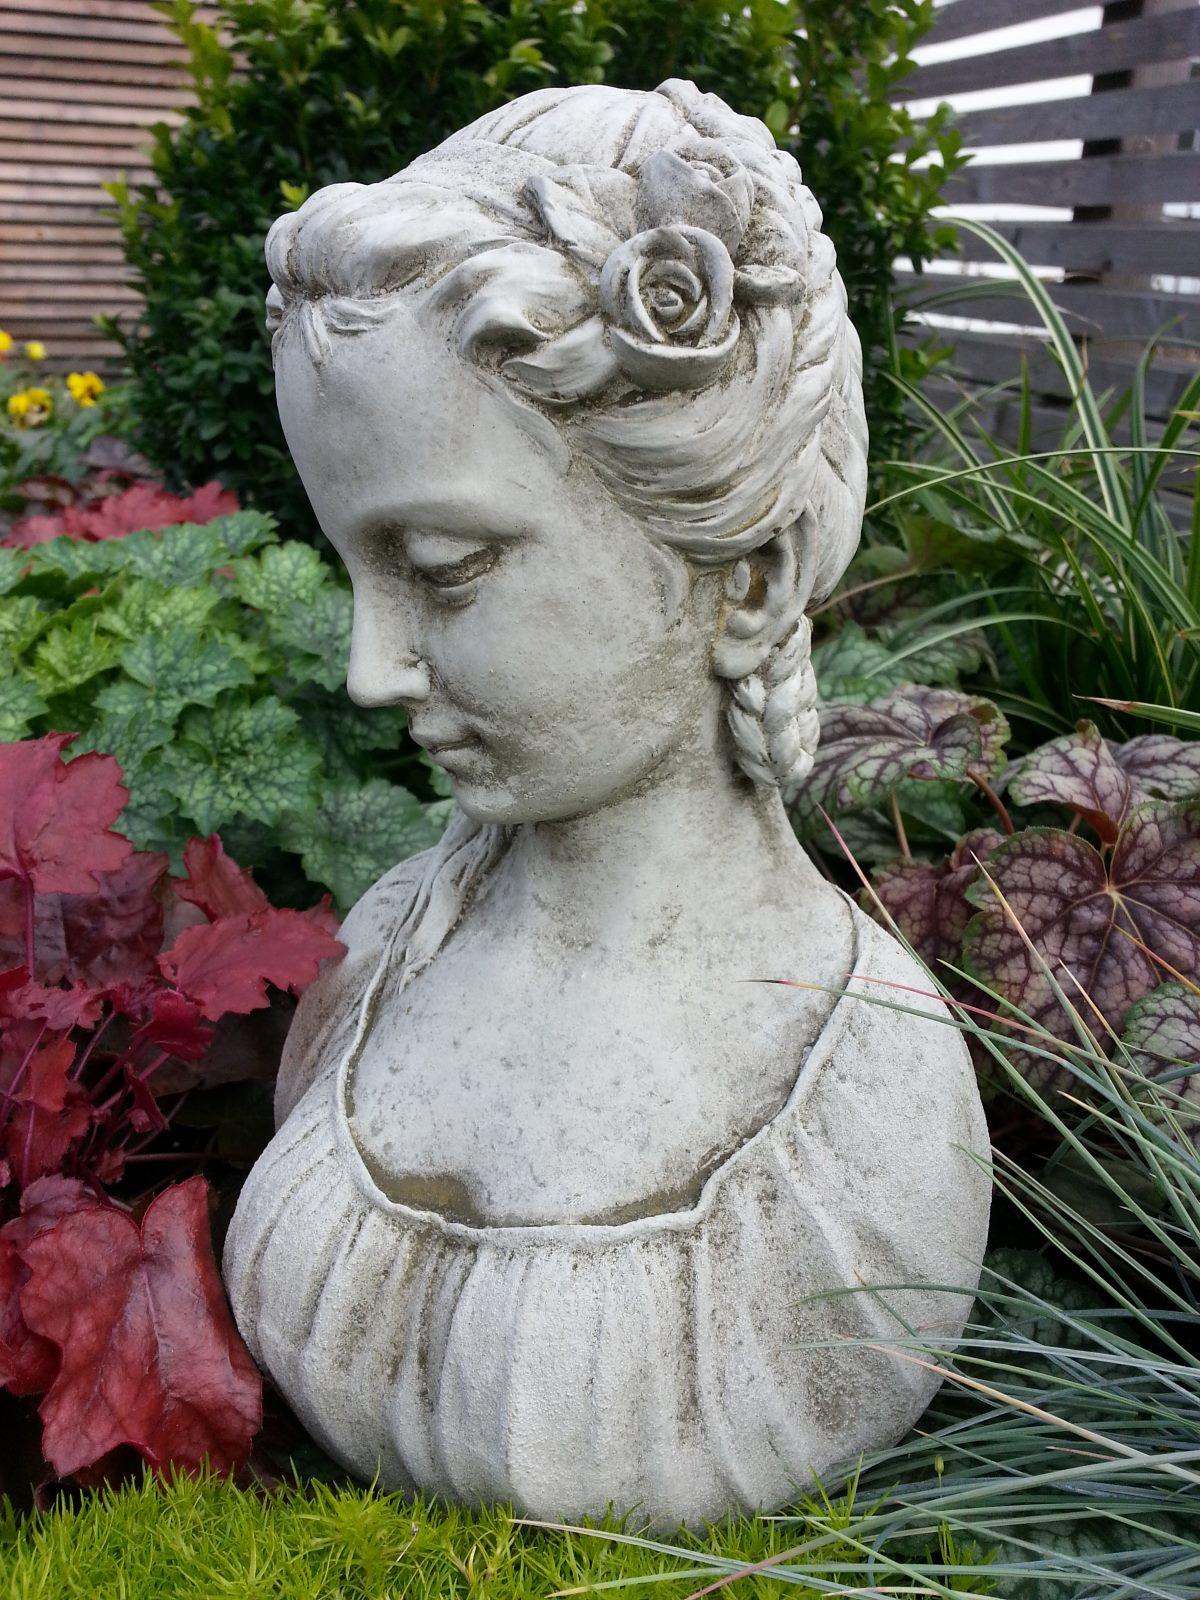 M dchen b ste melanie aus frostfestem antiksteinguss for Gartenfiguren stein